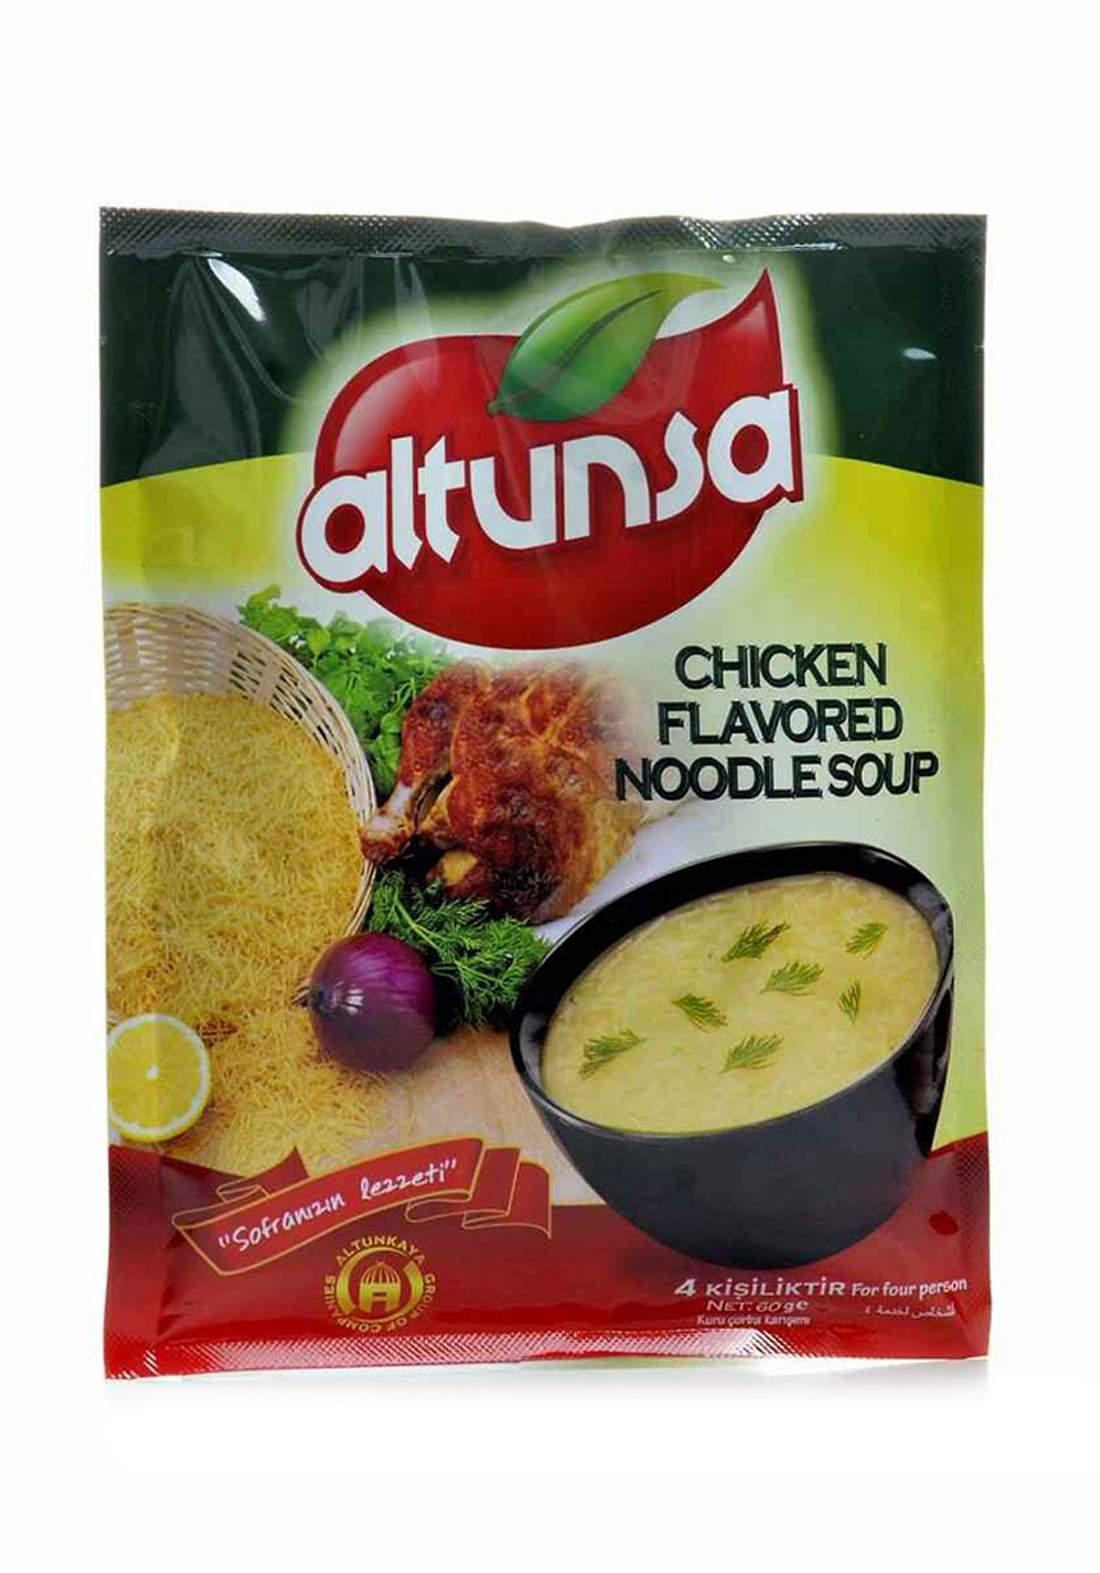 Altunsa ( 1302810105 ) Chicken Flavored Noodle Soup 60 g مسحوق شوربة جاهزة بالشعرية